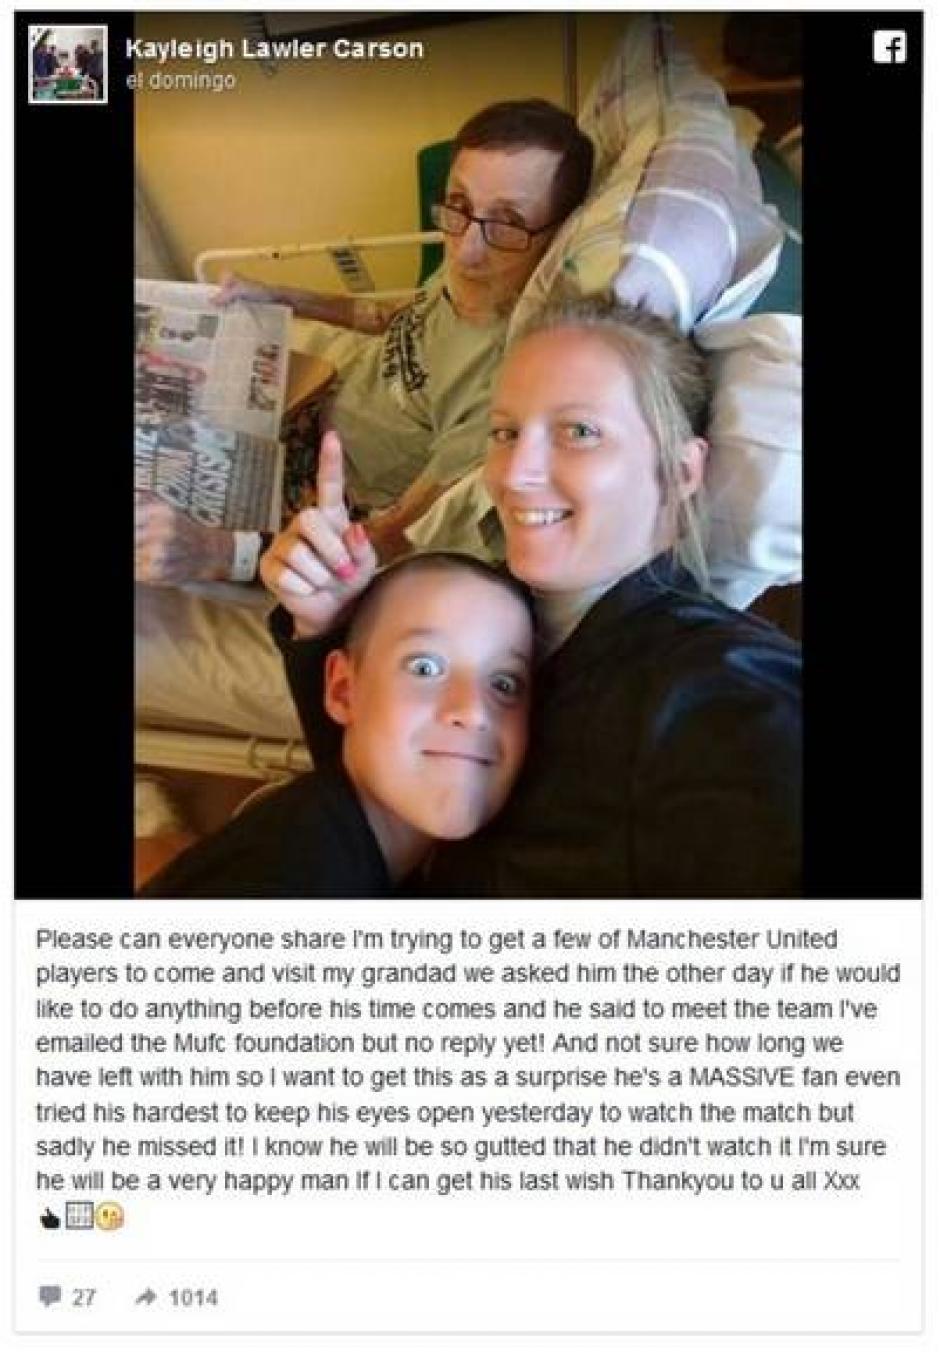 La nieta de Paddy Lawler buscó en las redes sociales que el mensaje llegara a los deportistas. (Foto: RT)